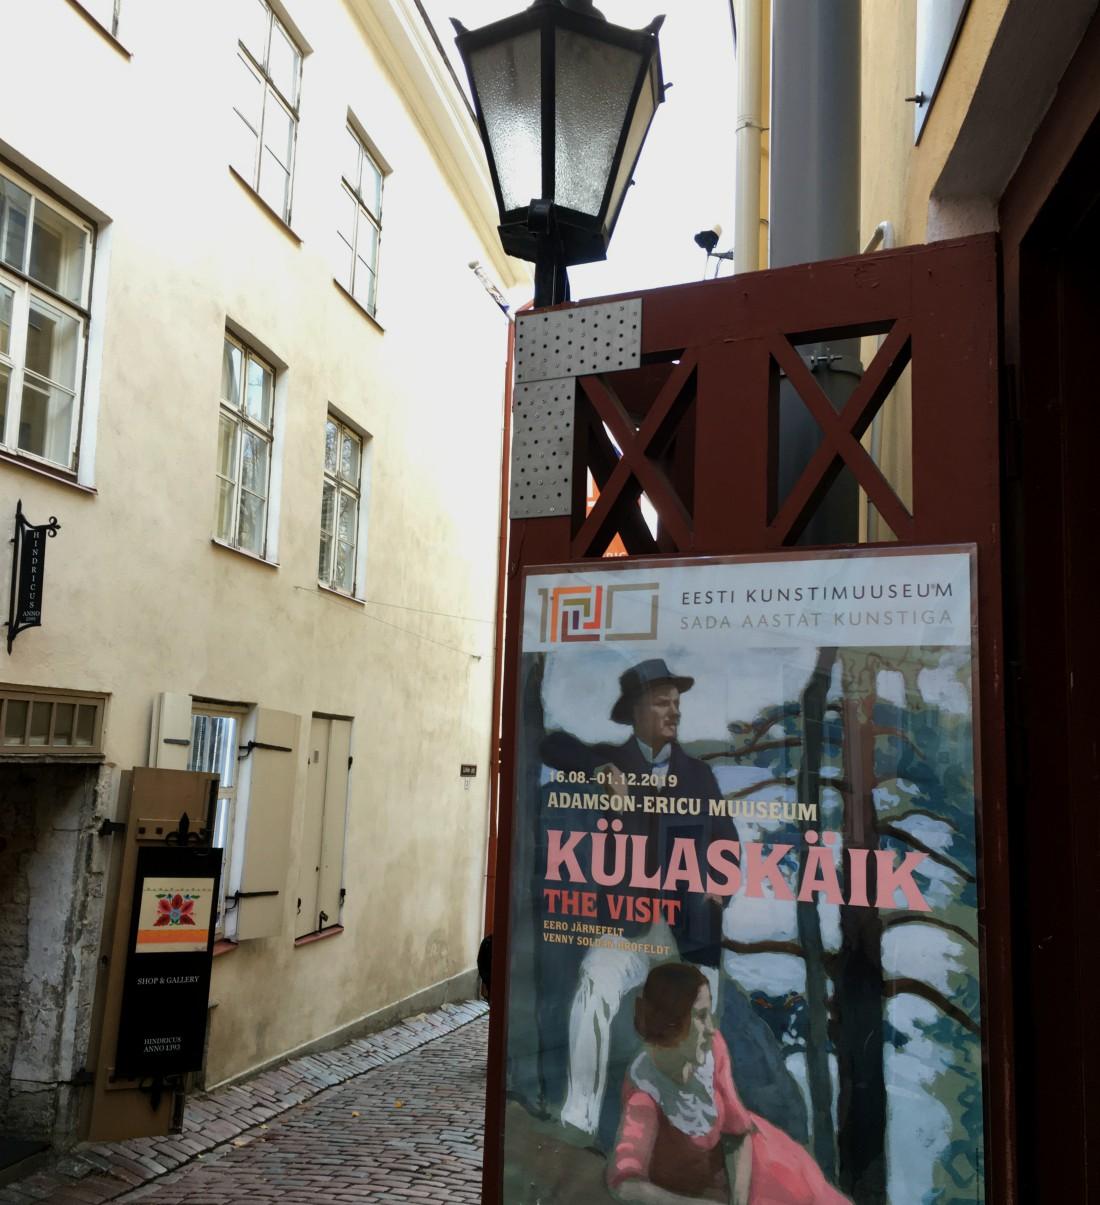 Adamson-Etric Museeum, Tallinna, Tallinnan Vanhakaupunki, Rouva Sana